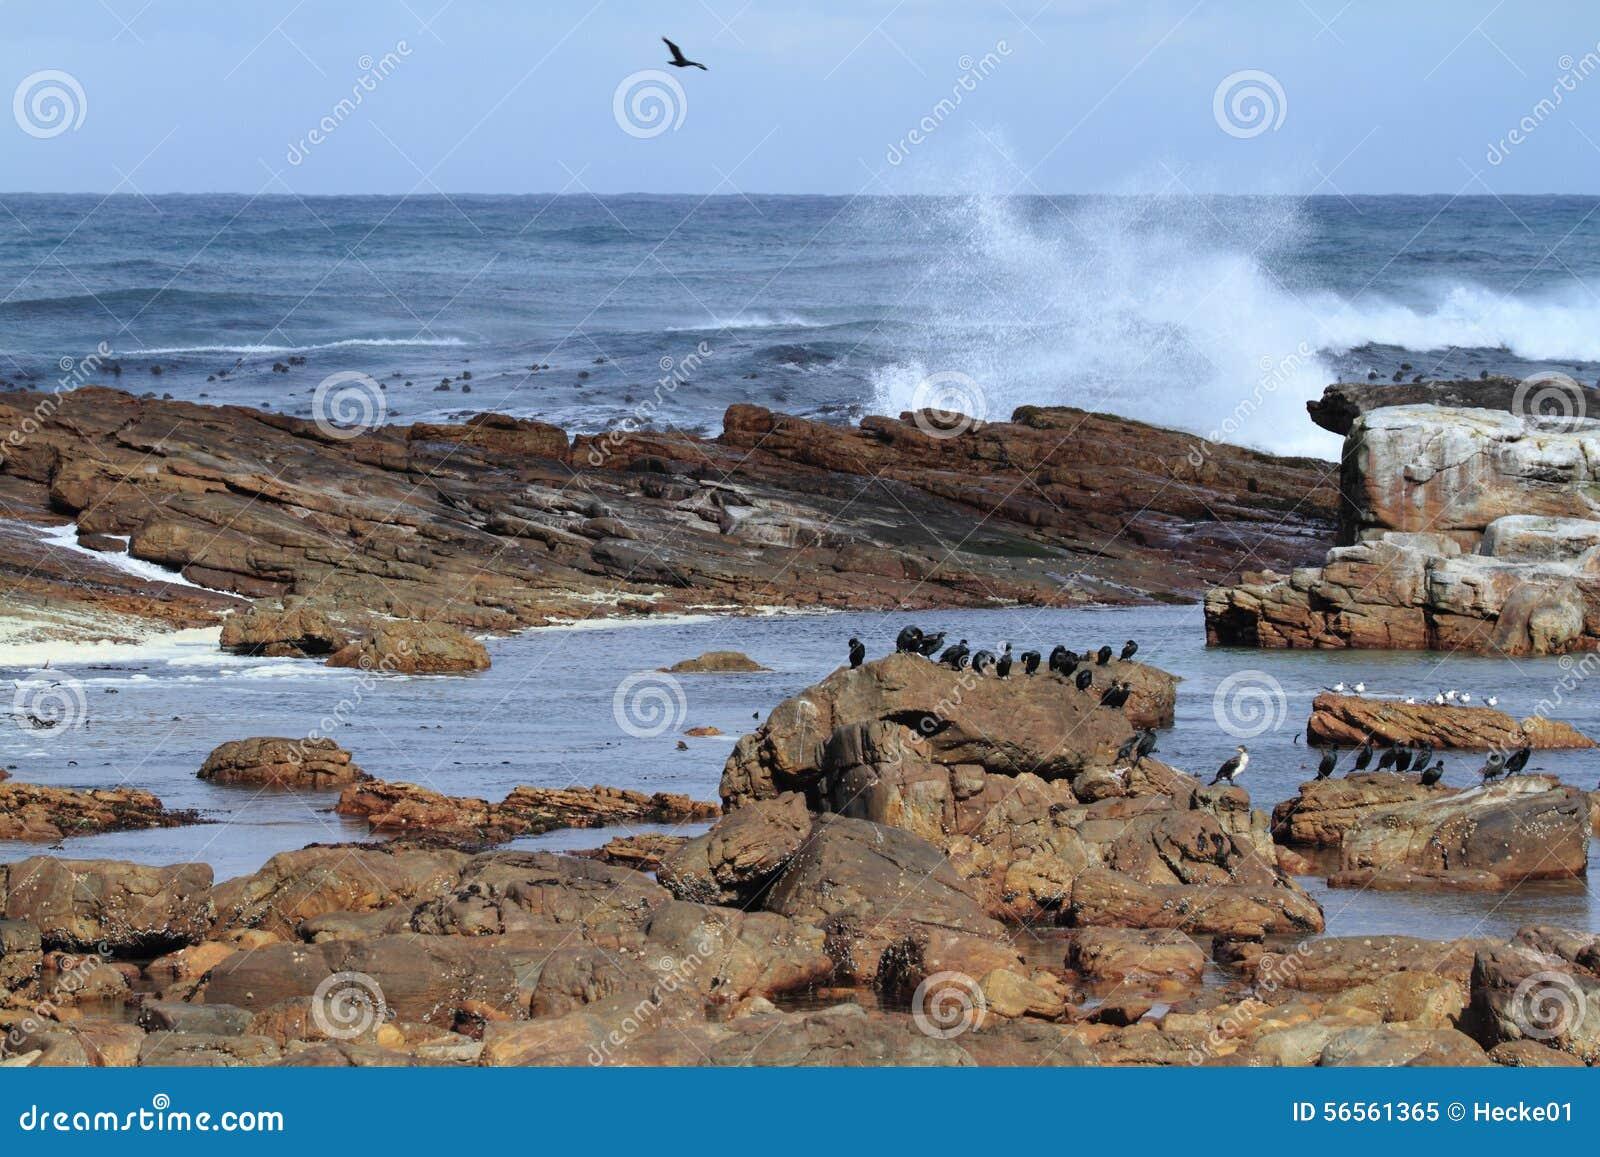 Download Κορμοράνοι στην ακτή του ακρωτηρίου της καλής ελπίδας Στοκ Εικόνα - εικόνα από αφρική, νότος: 56561365